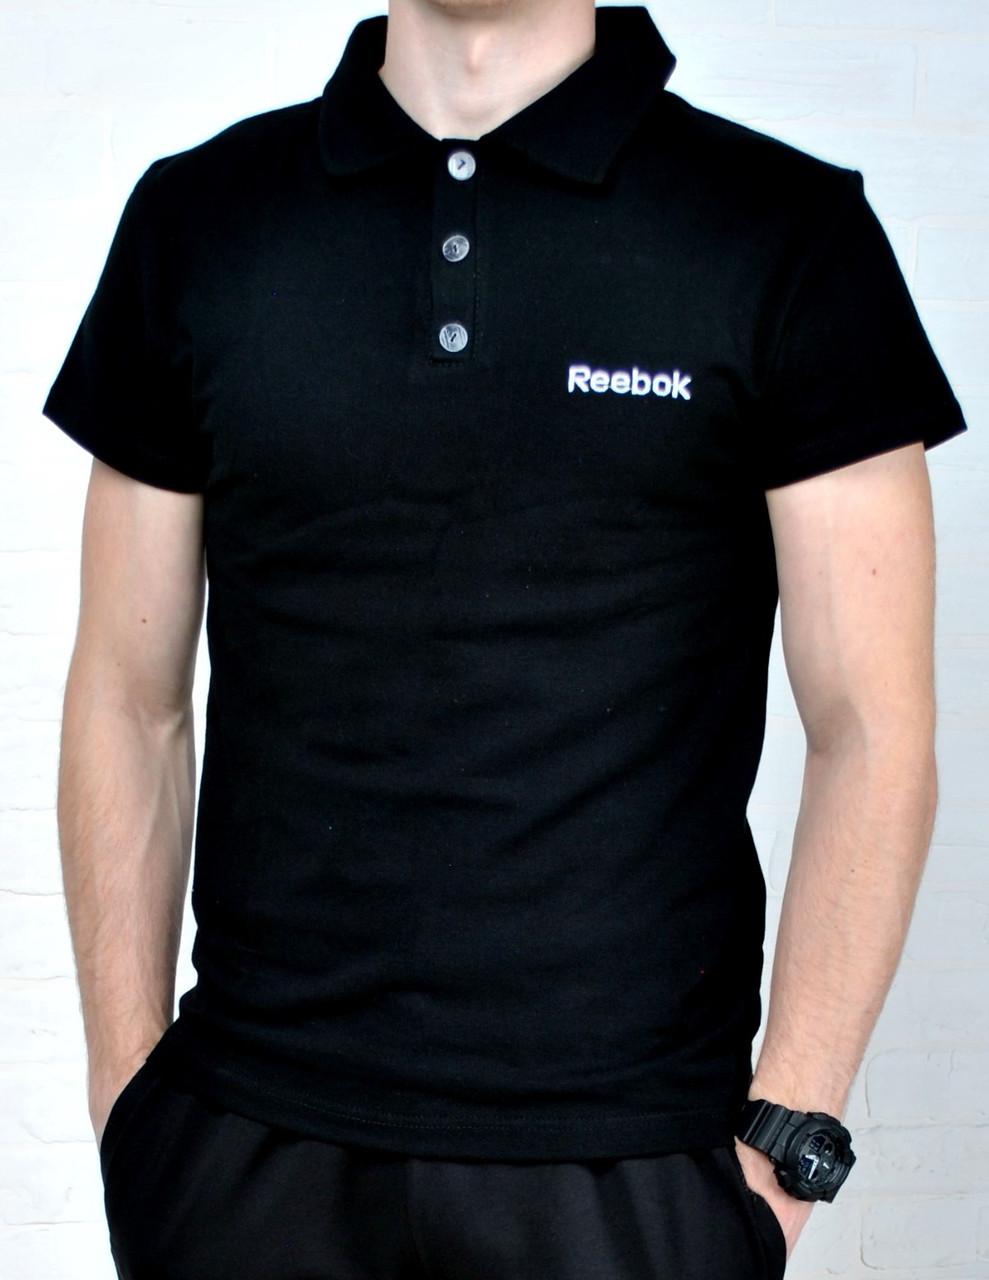 7b1485ff249aa Размер S, M !!!! Футболка Поло В стиле Reebok черная, цена 240 грн., купить  в Киеве — Prom.ua (ID#548253026)